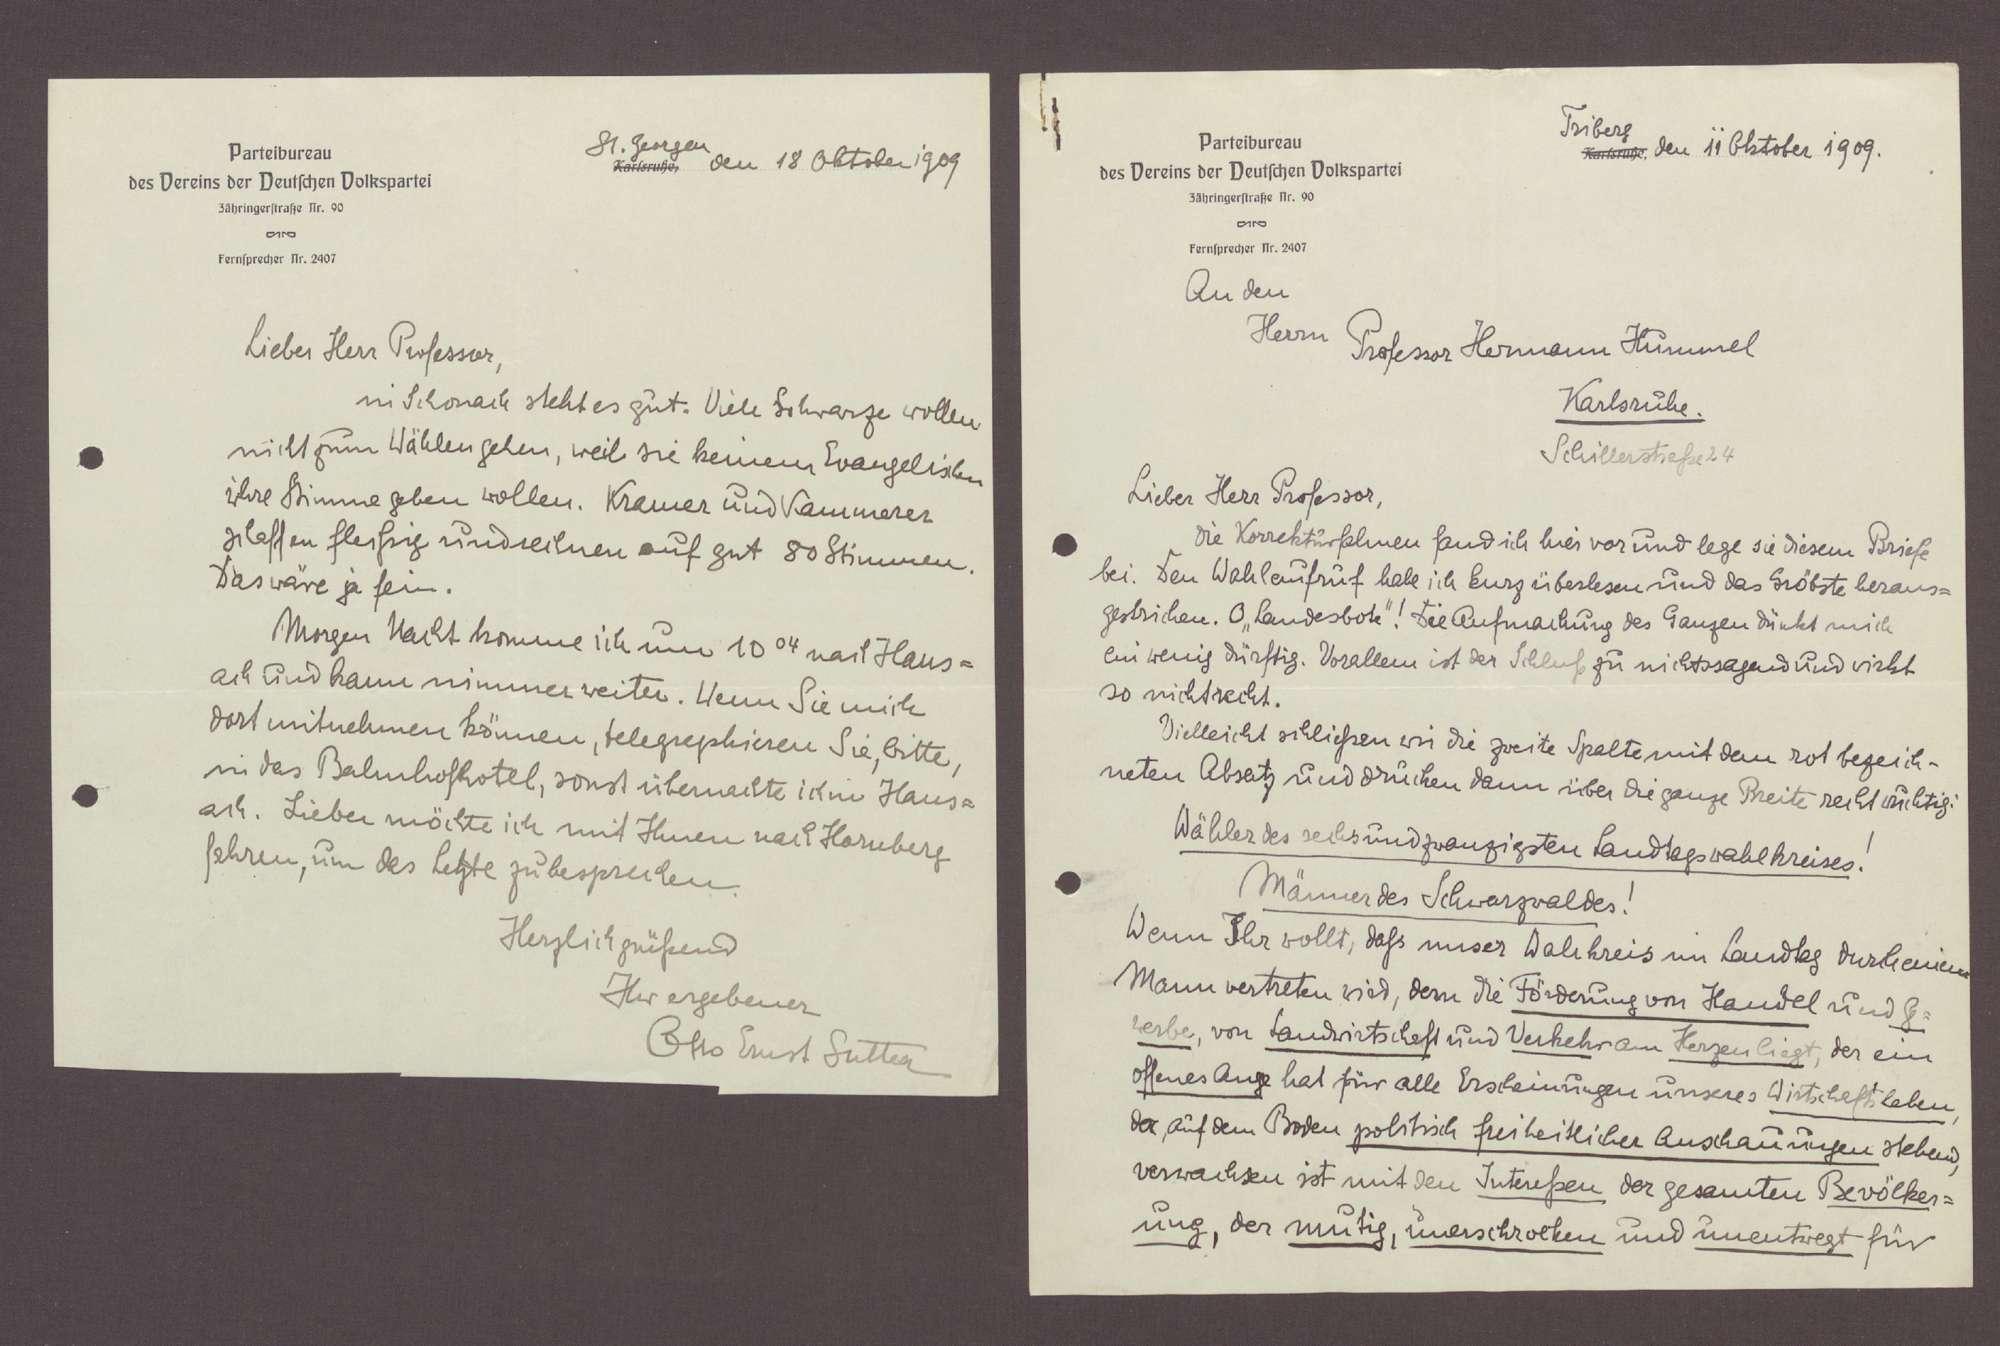 Schreiben von Otto Ernst Sutter, Triberg und St. Georgen, an Hermann Hummel: Wahlkampfreden, 2 Schreiben, Bild 1